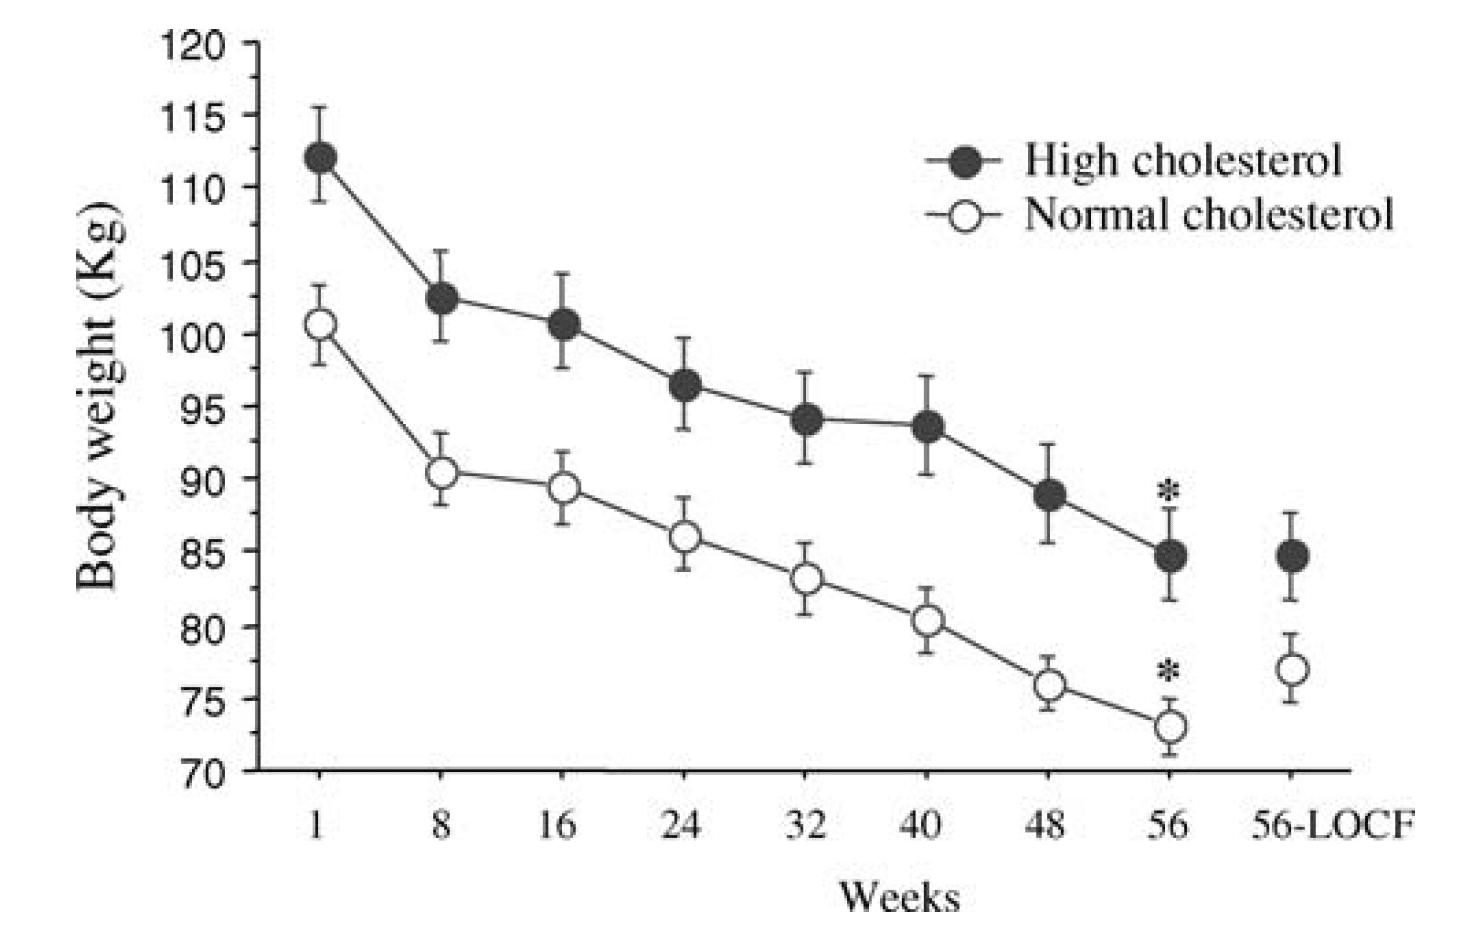 Här ser vi hur deltagarna går ner i vikt efter 56 veckor på LCHF. Viktnedgången är både snabb och mycket uttalad. I genomsnitt gick deltagarna ner 25 kg.